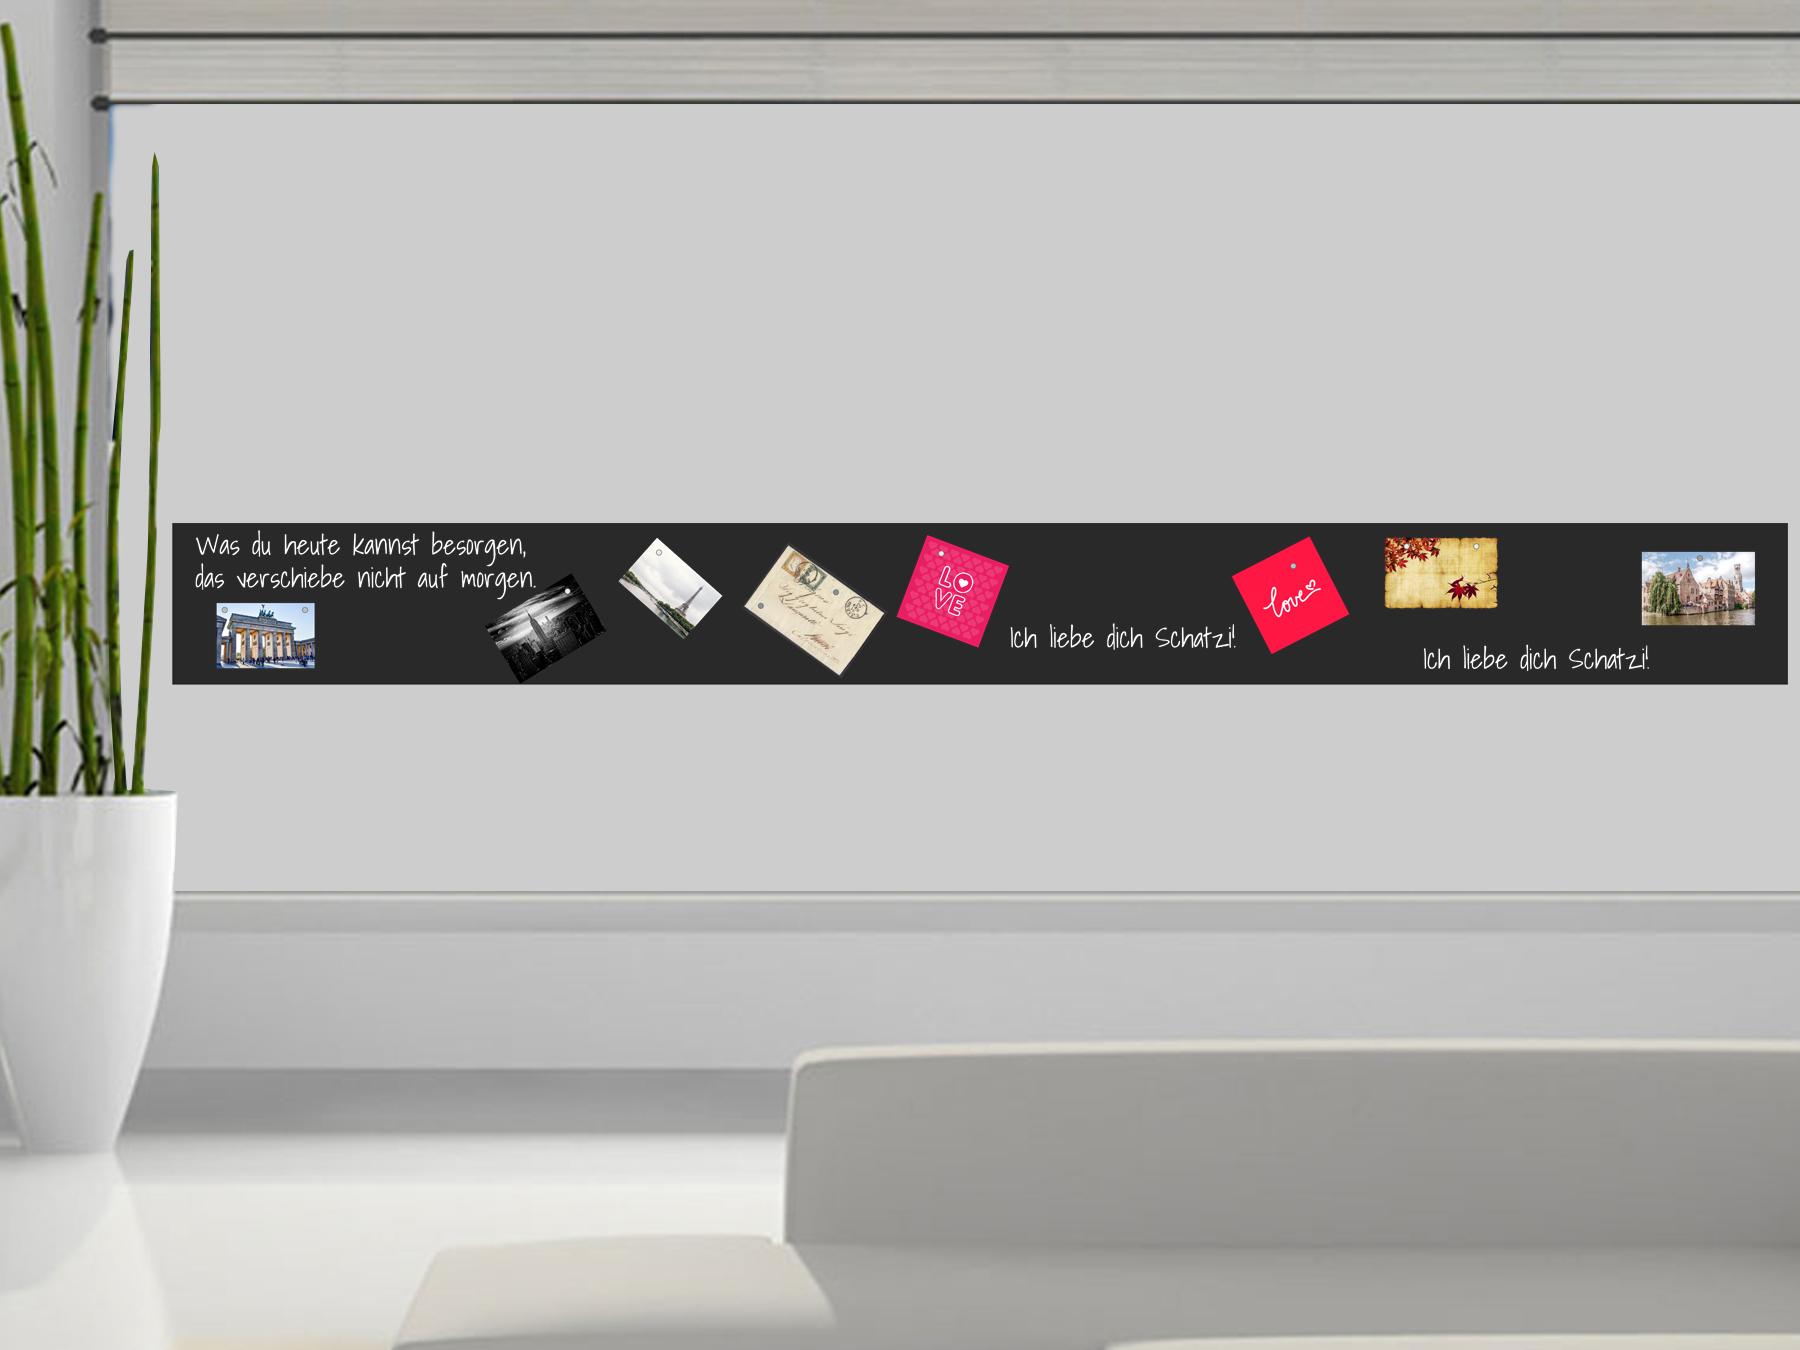 300x30cm | Selbstklebende magnetische Tafelfolie | Kreide & Kreidestift | schwarz